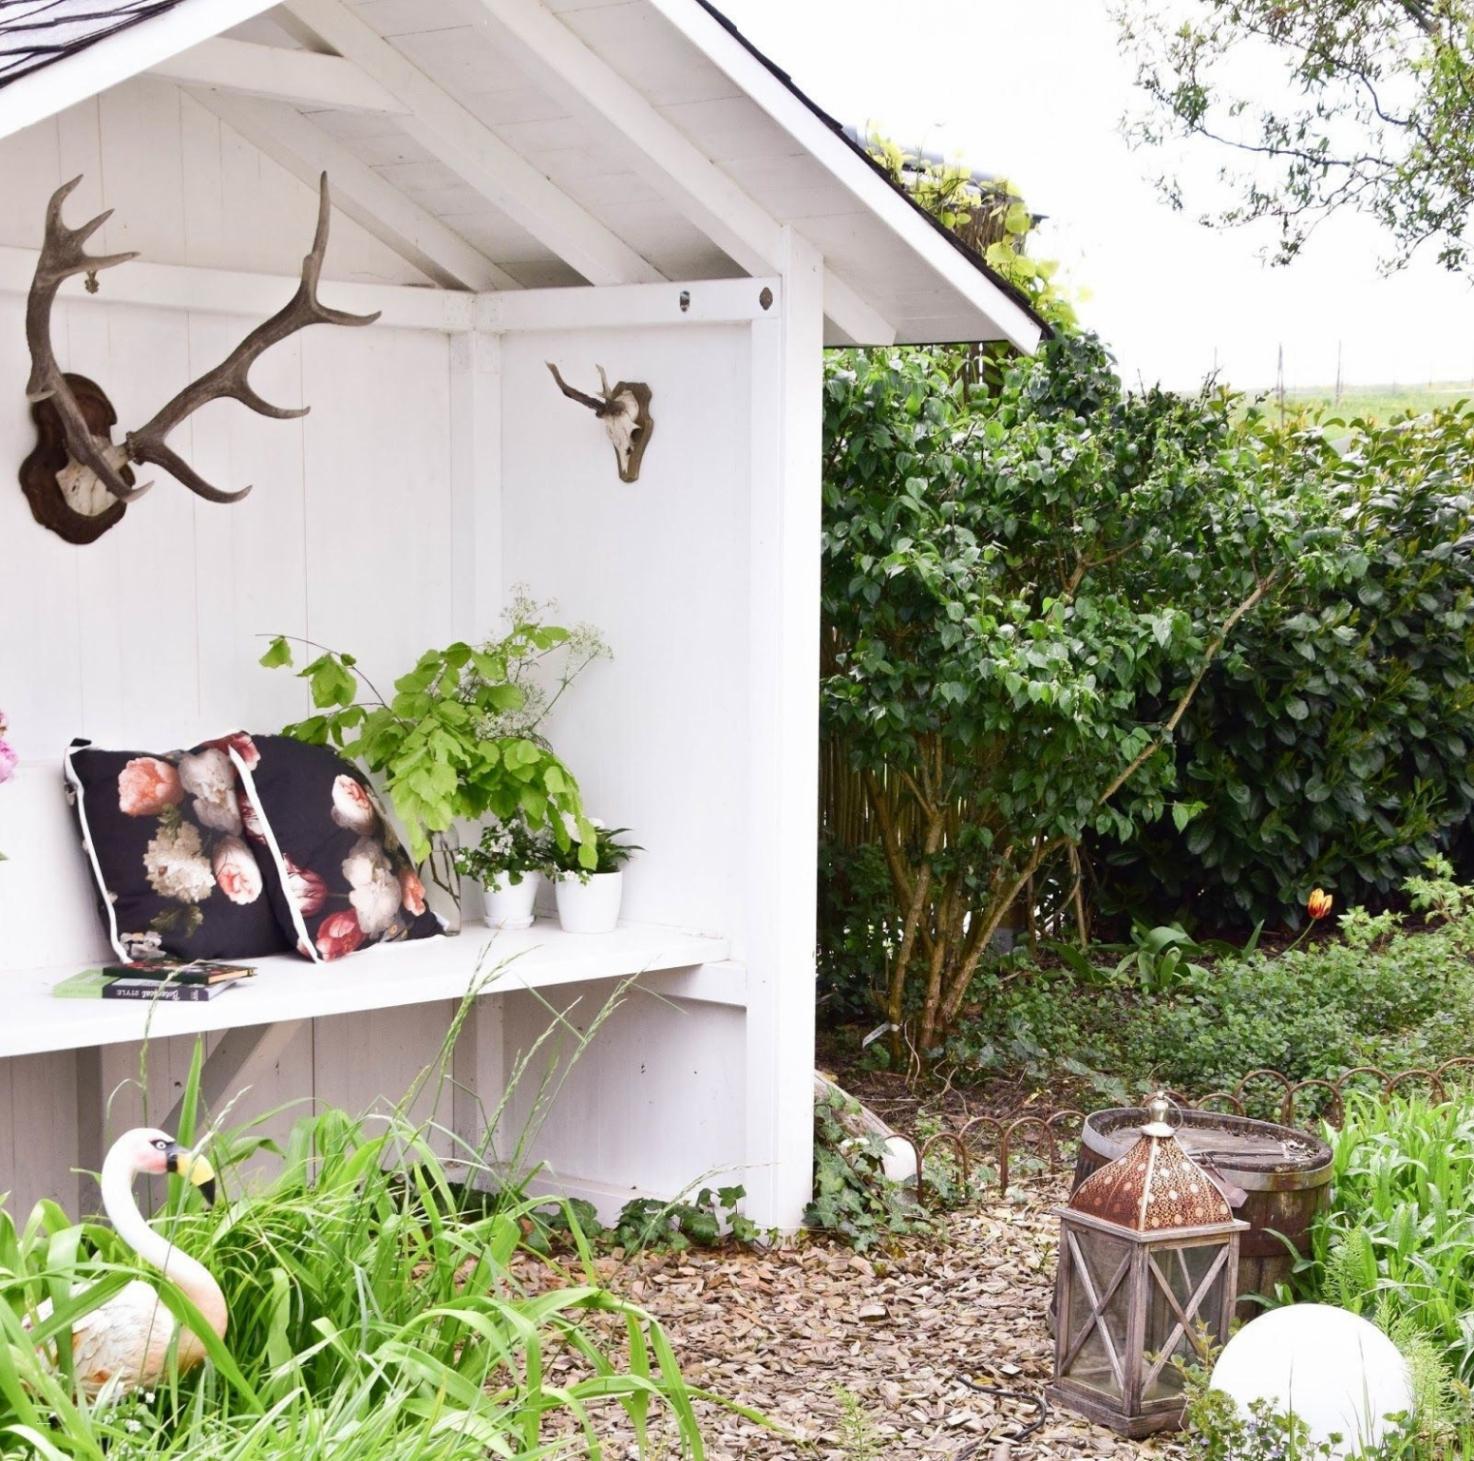 Deko Ideen Für Den Garten Inspirierend Deko Draußen Selber Machen — Temobardz Home Blog